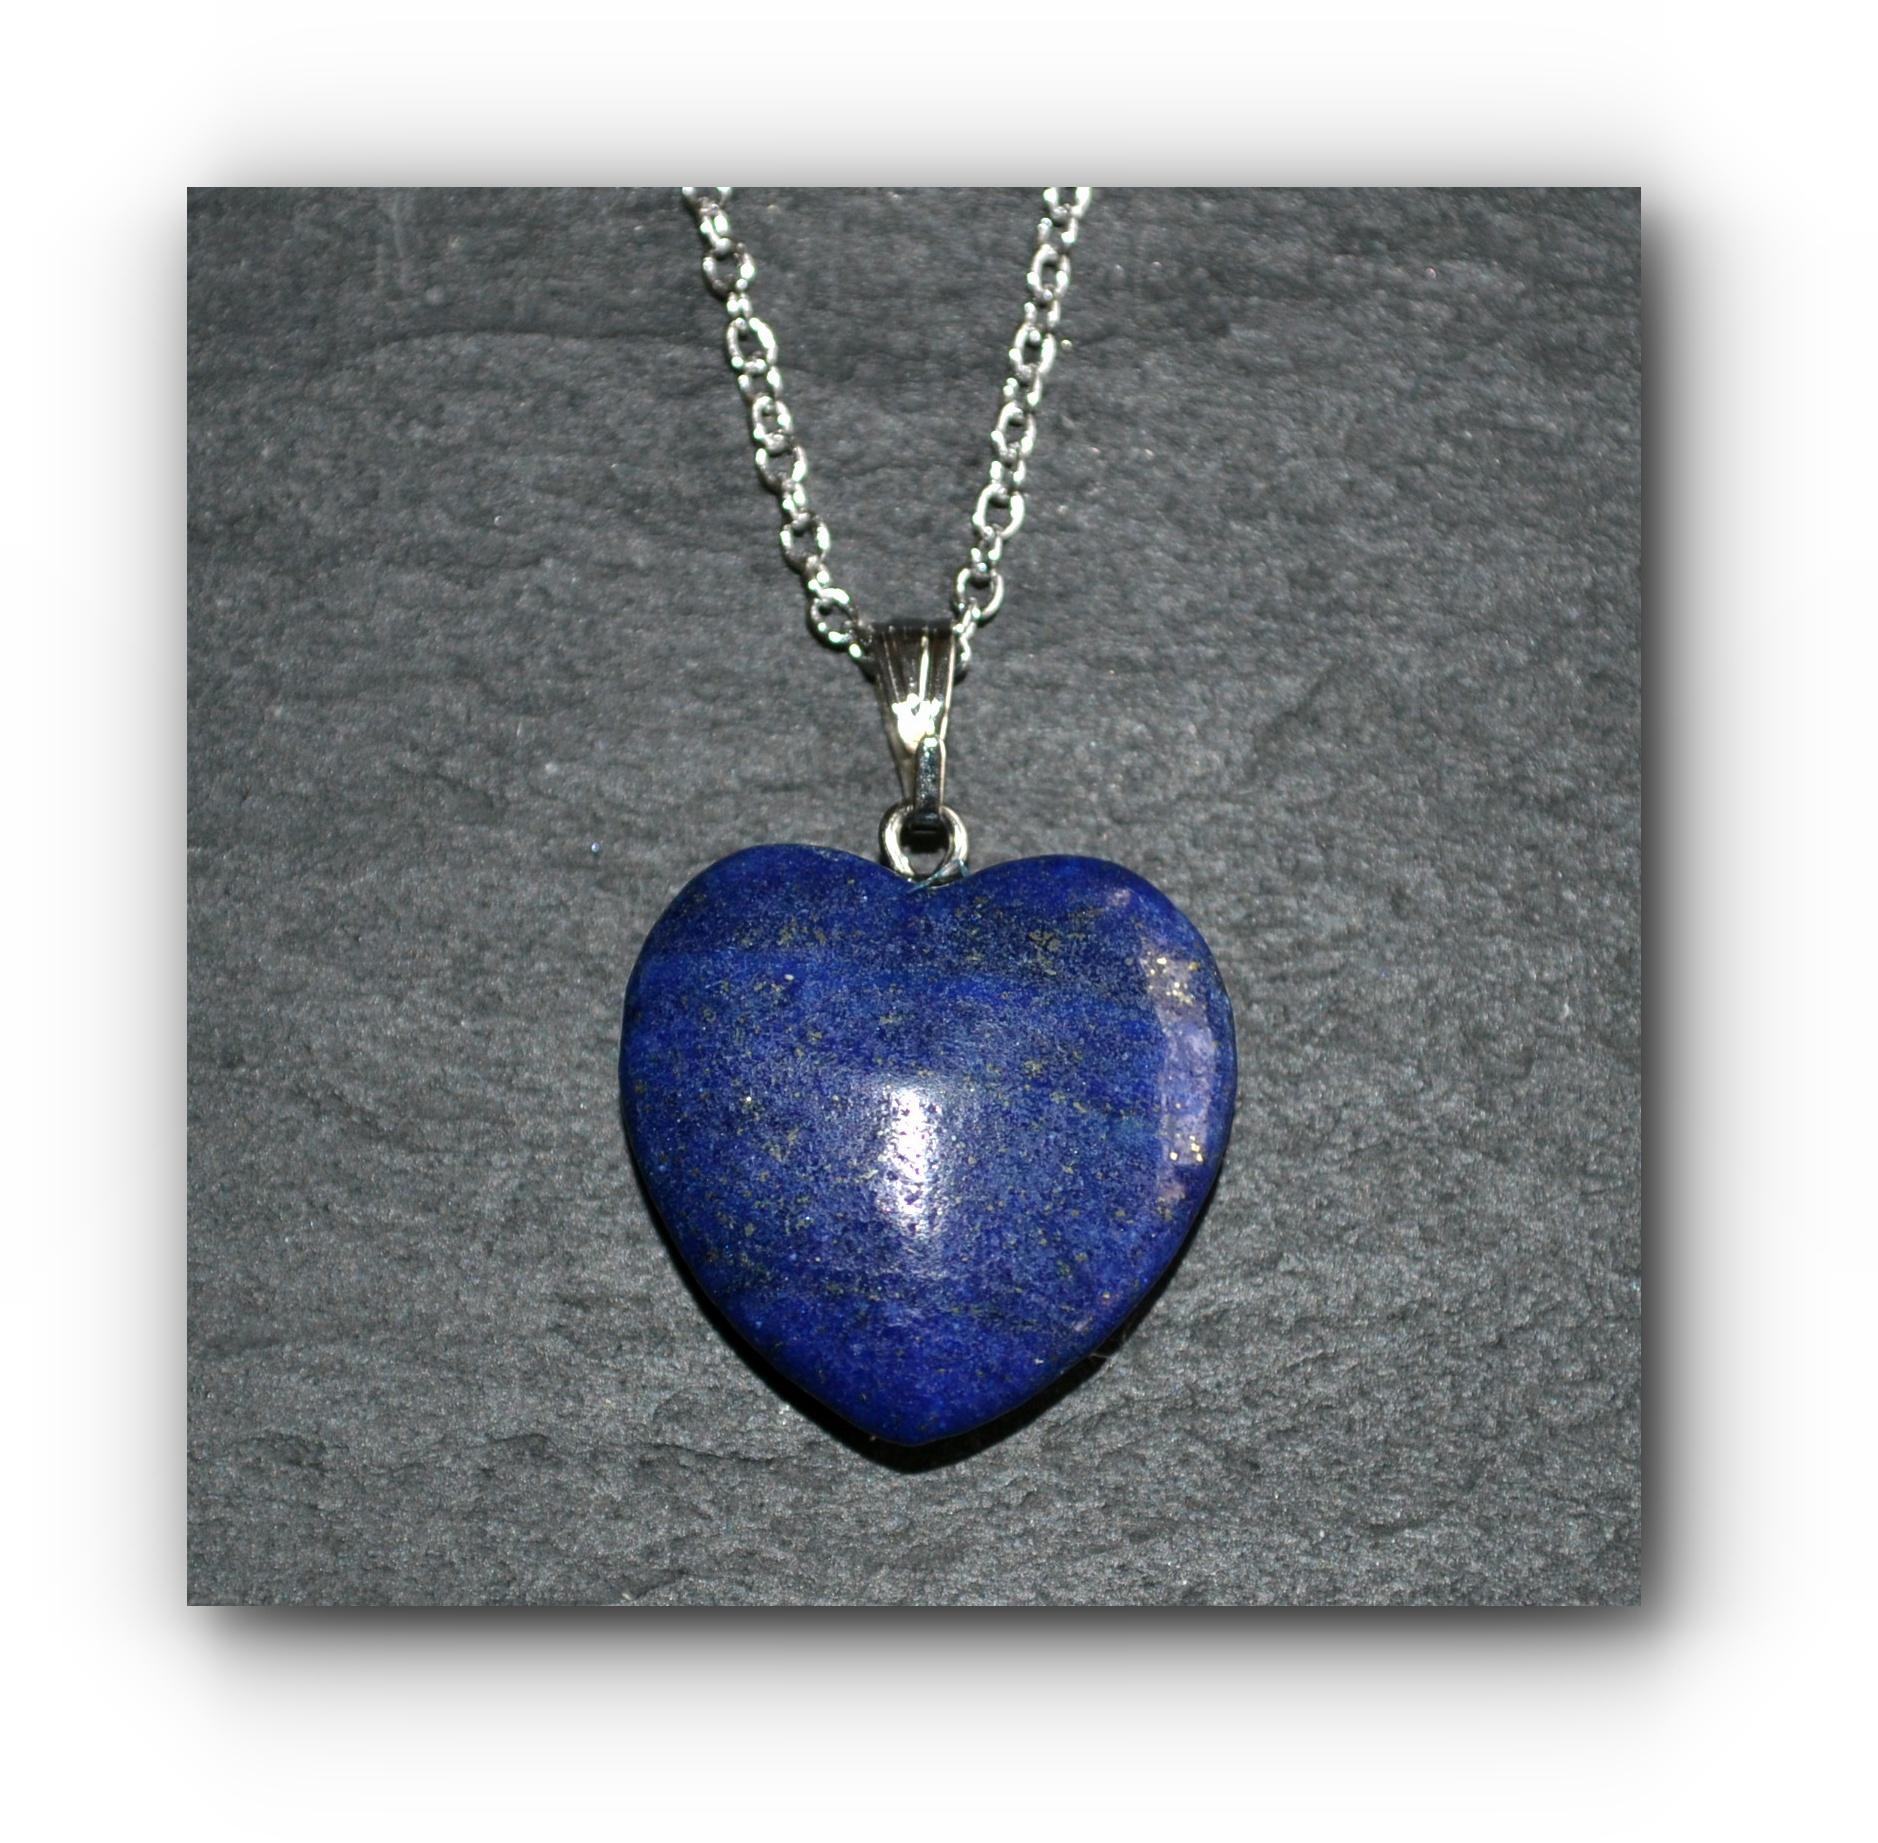 """Blue Lapis Lazuli Heart Pendant Necklace 18/"""" Chain Blue Heart Necklace Pendant"""